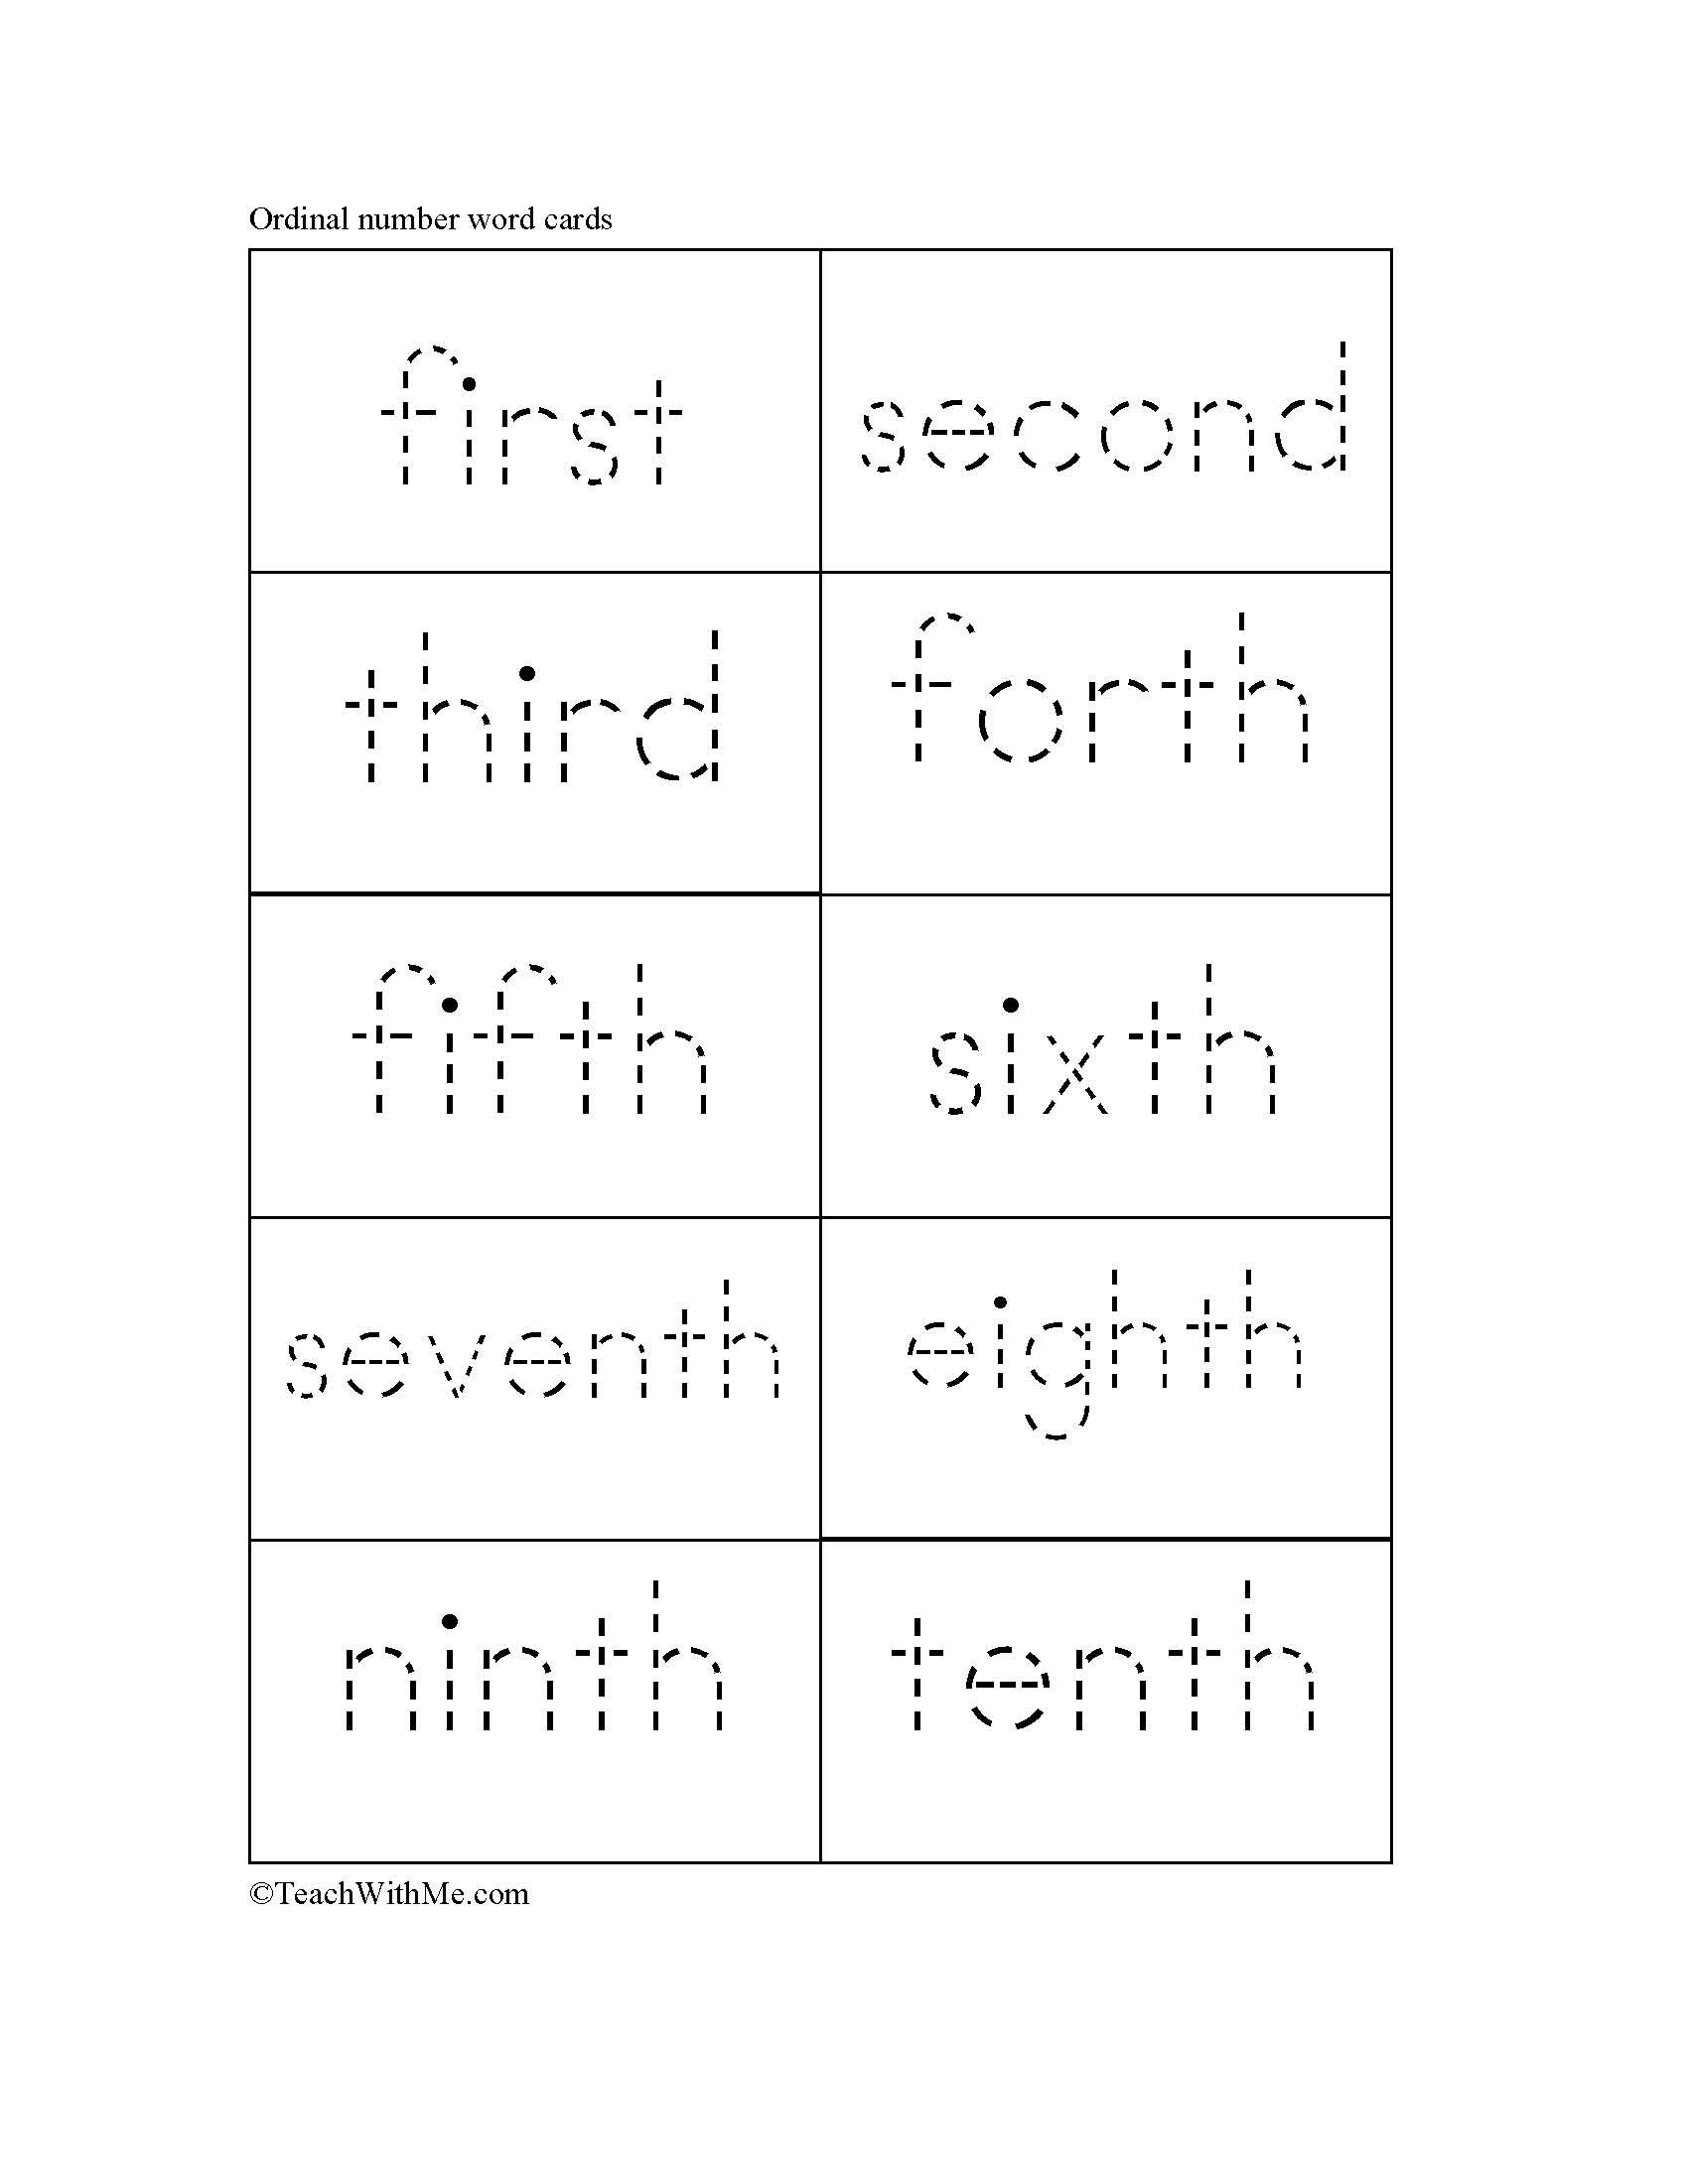 Teaching Ordinal Numbers Part Ii